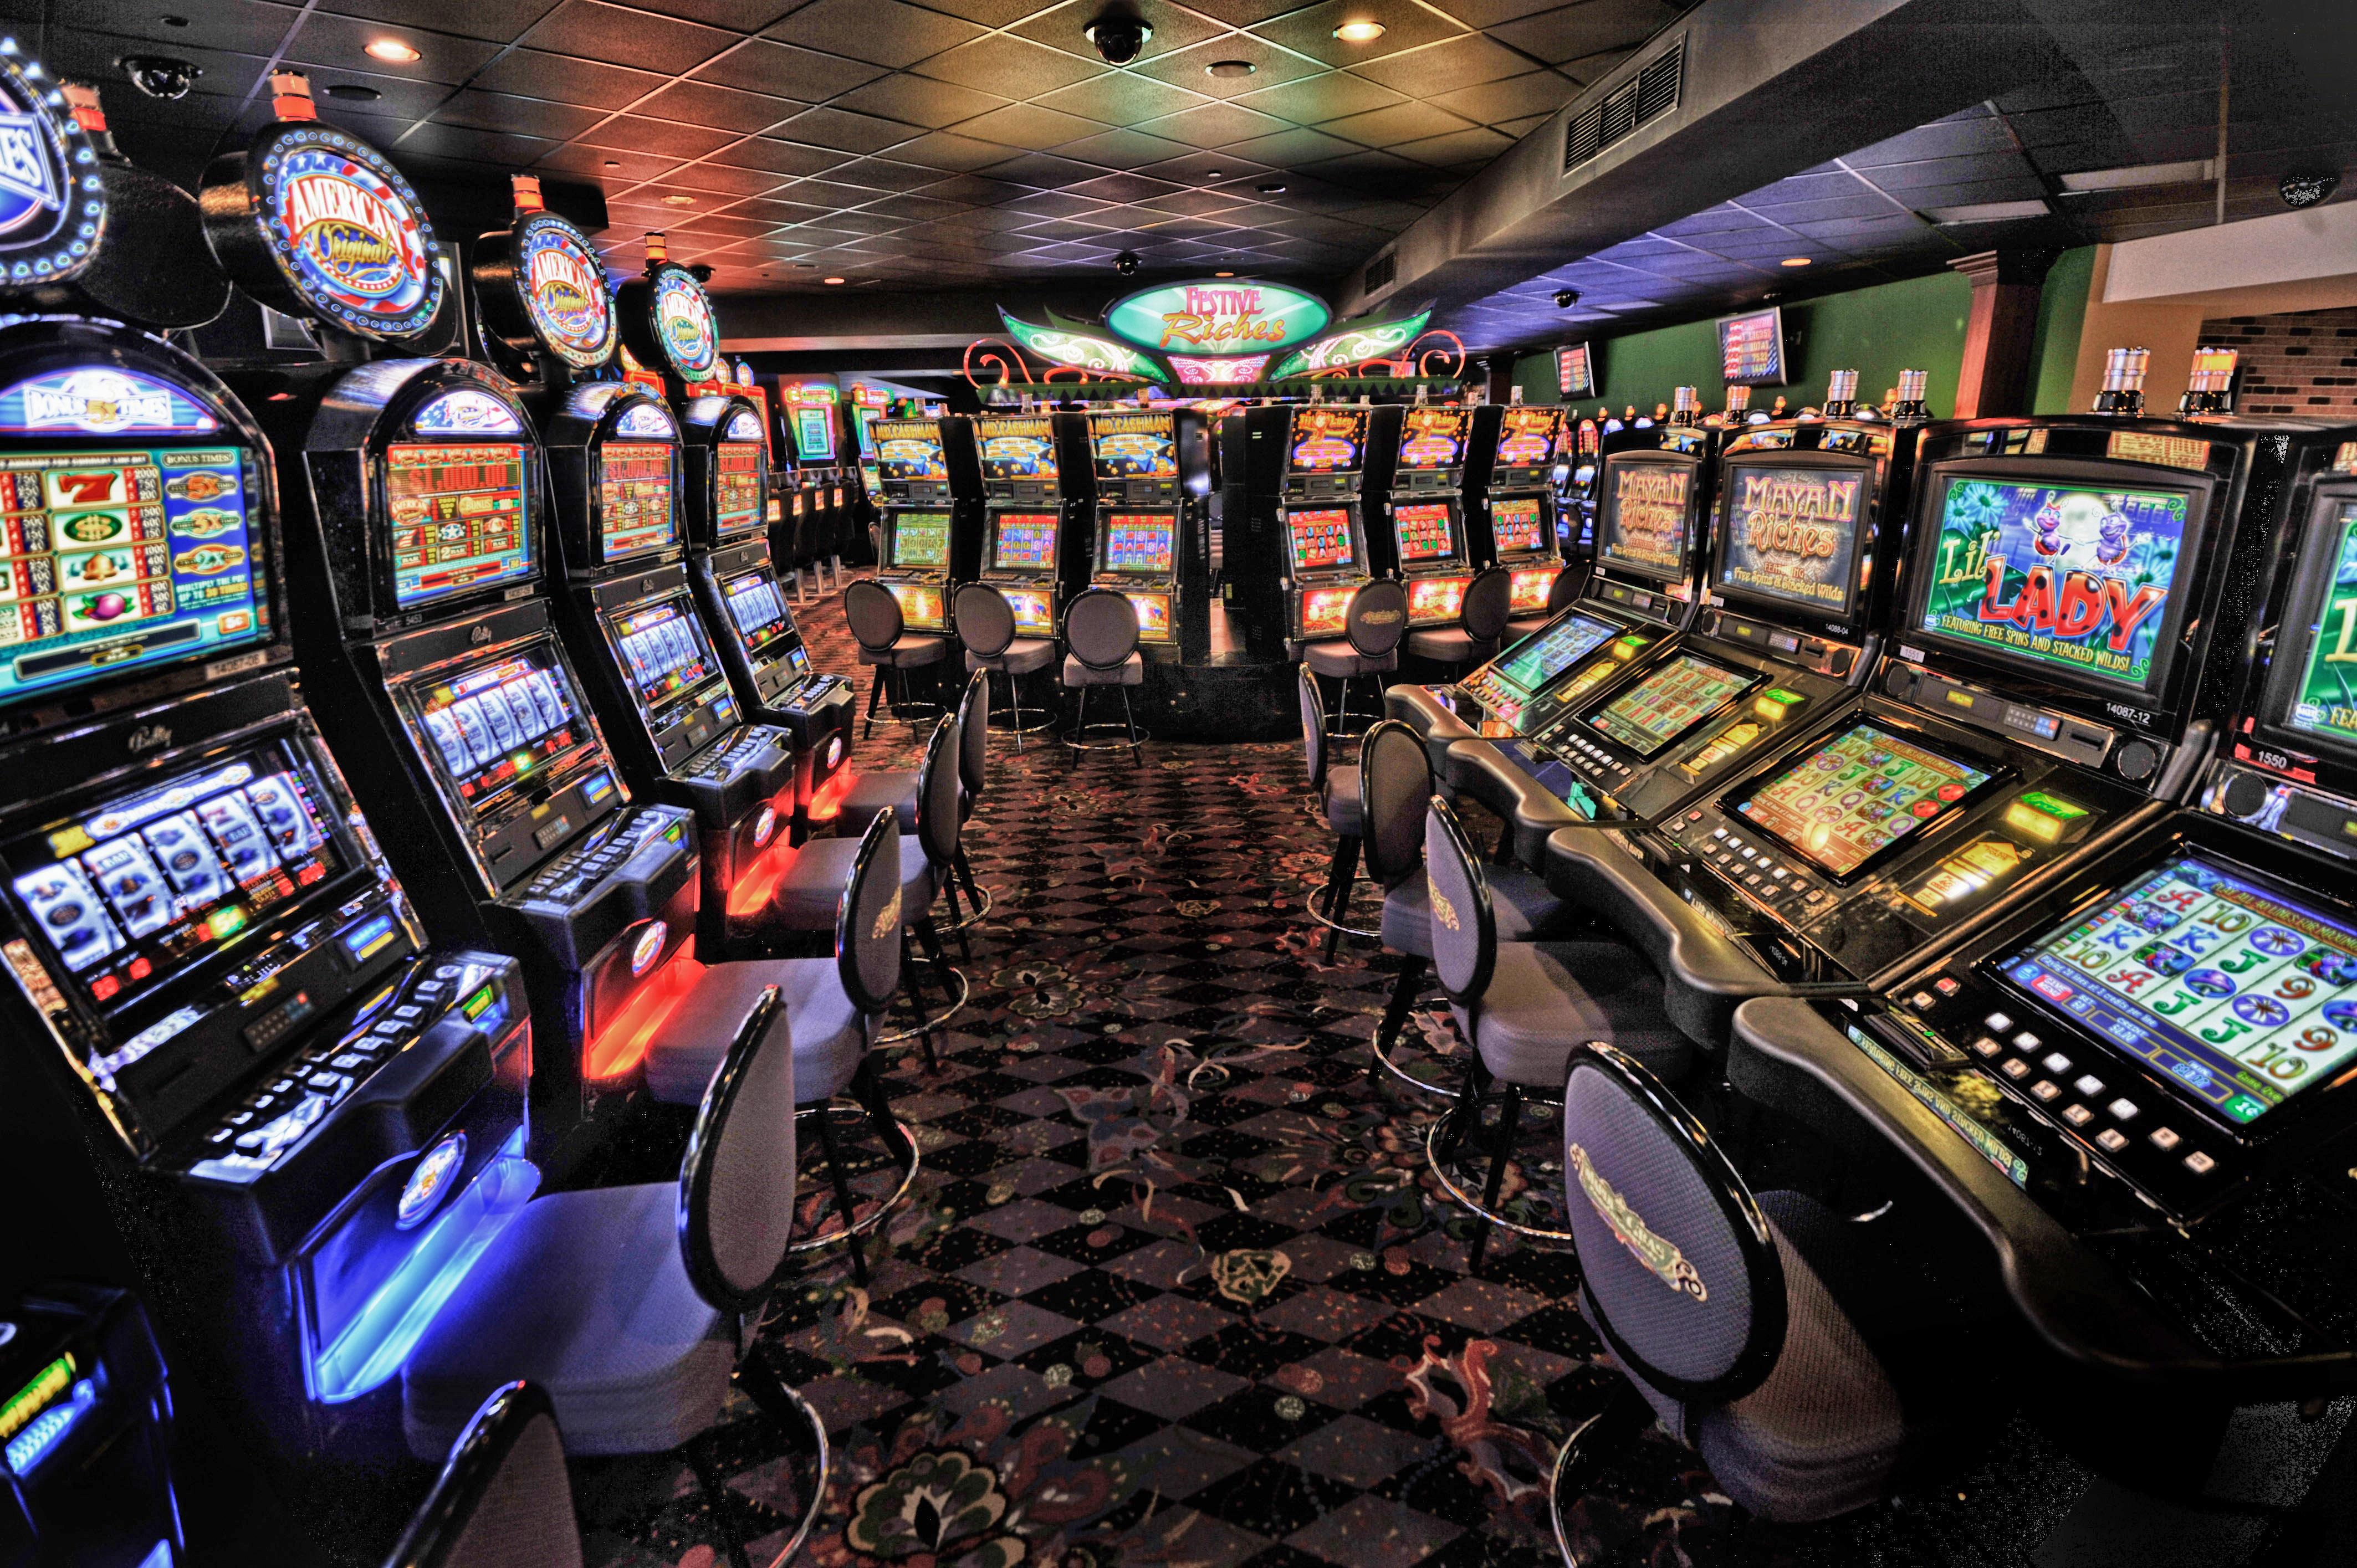 Apakah casino itu?